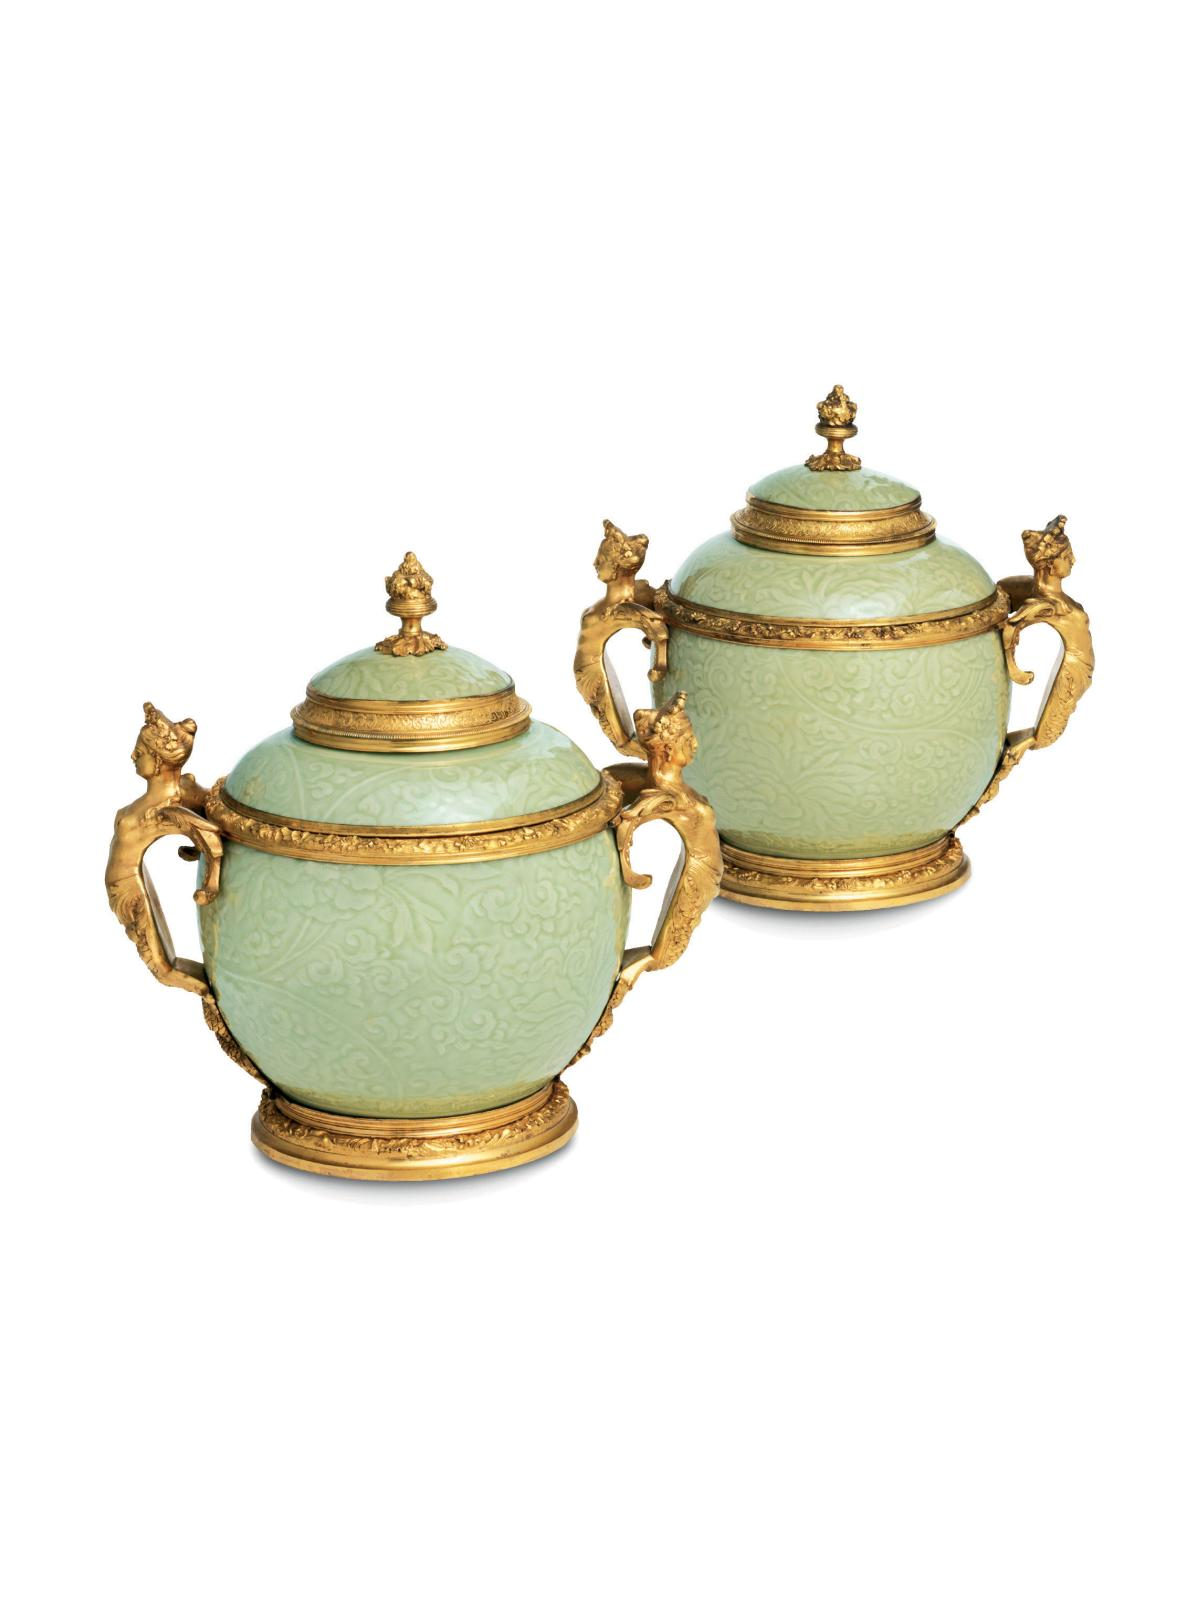 France, époque Régence, vers 1730. Porcelaine émaillée céladon gaufré à décor incisé de fleurs dans des rinceaux feuillagés, Chine, époque Kangxi; mo